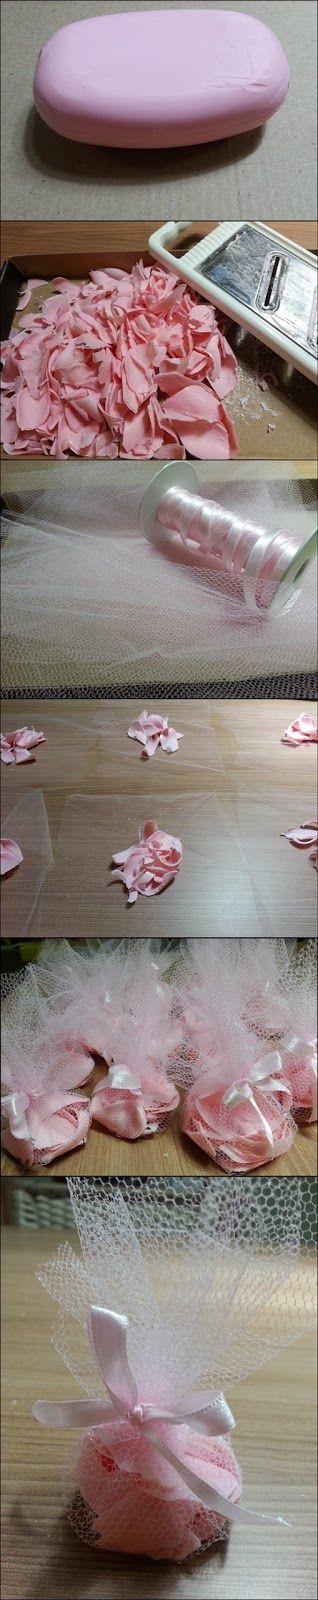 كيفية تعطير دولاب الملابس